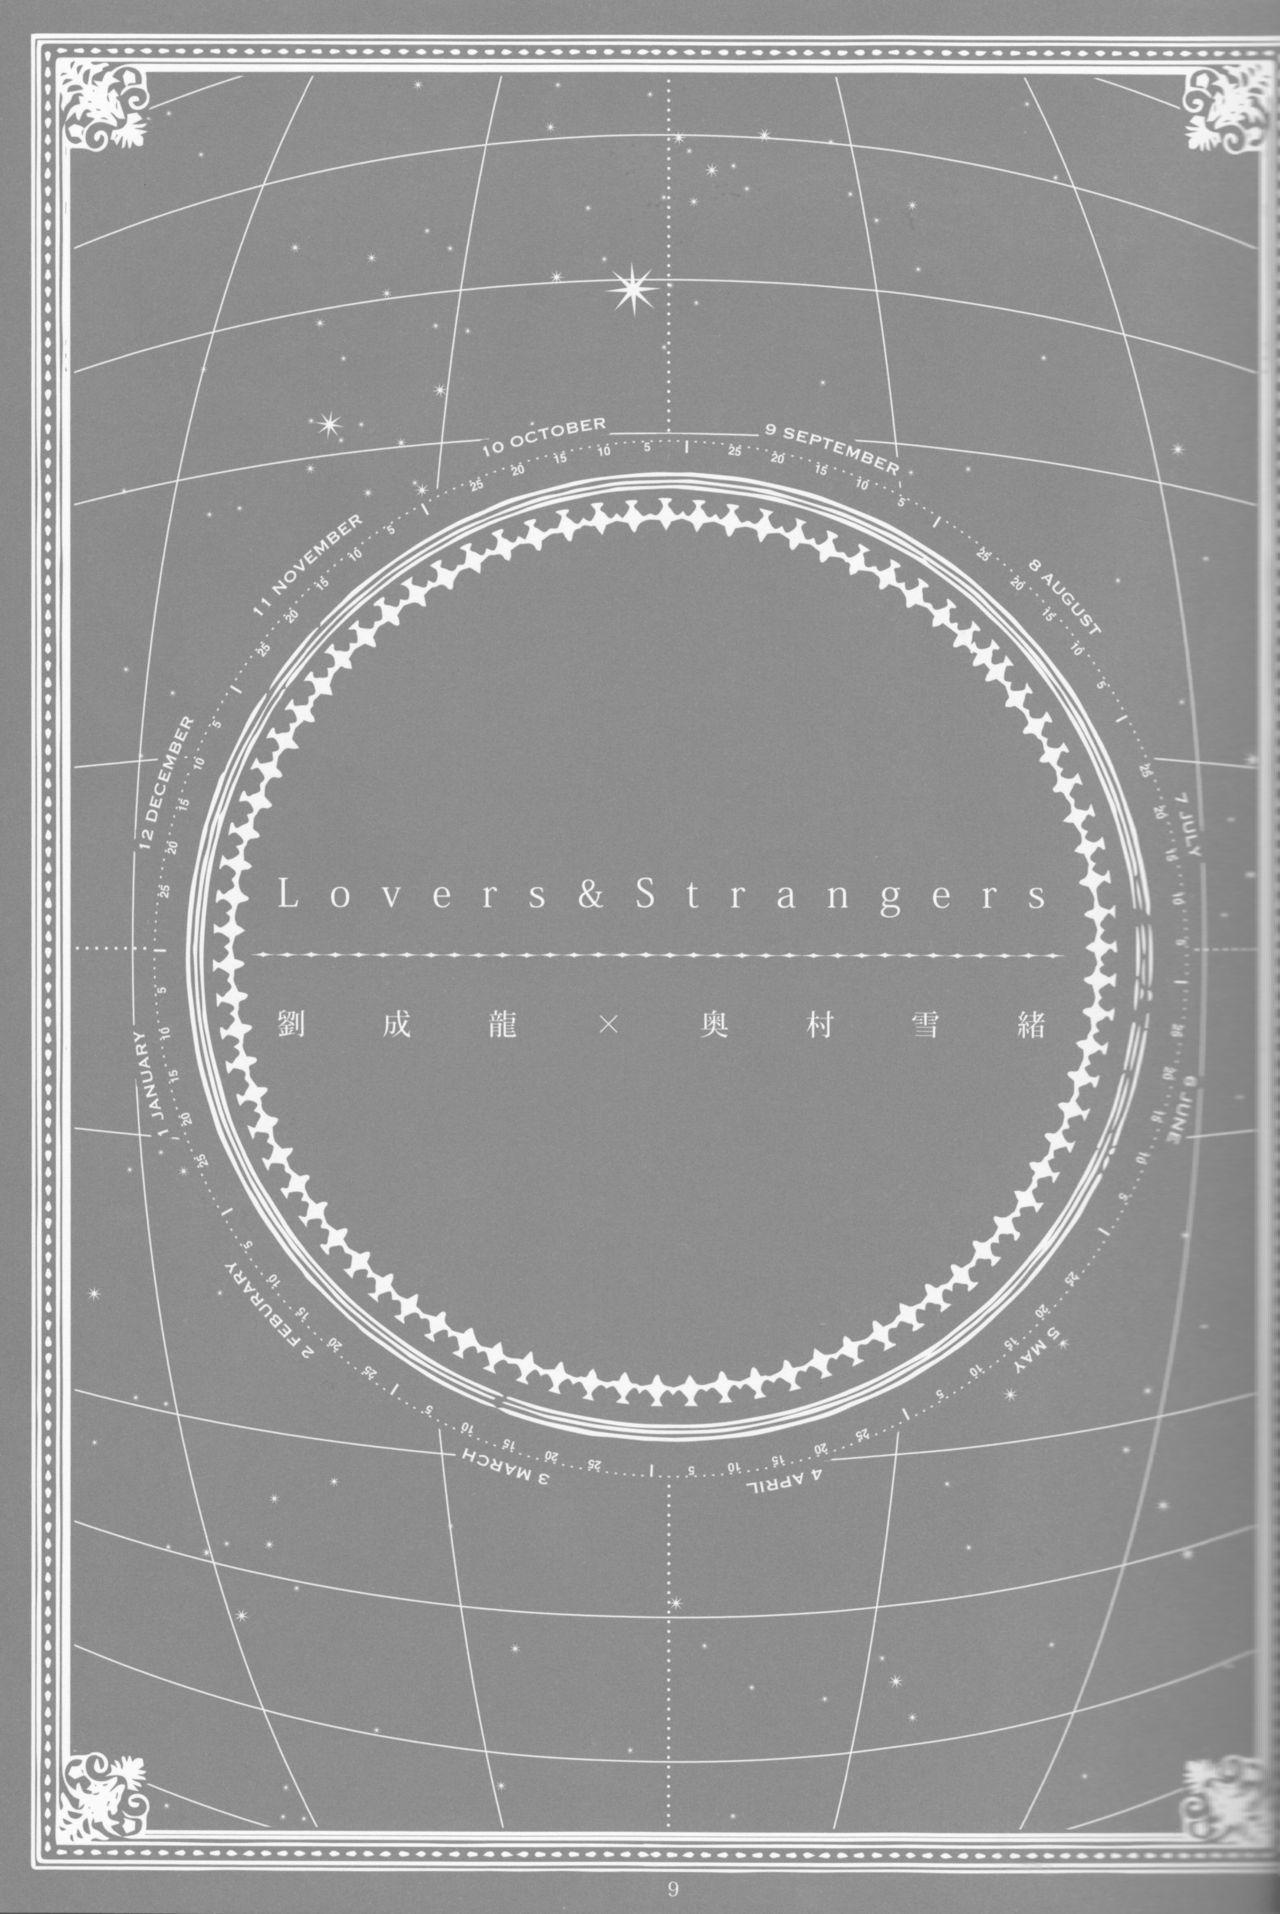 Toge hikari no navu~igātoria book 2(blue exorcist] 6